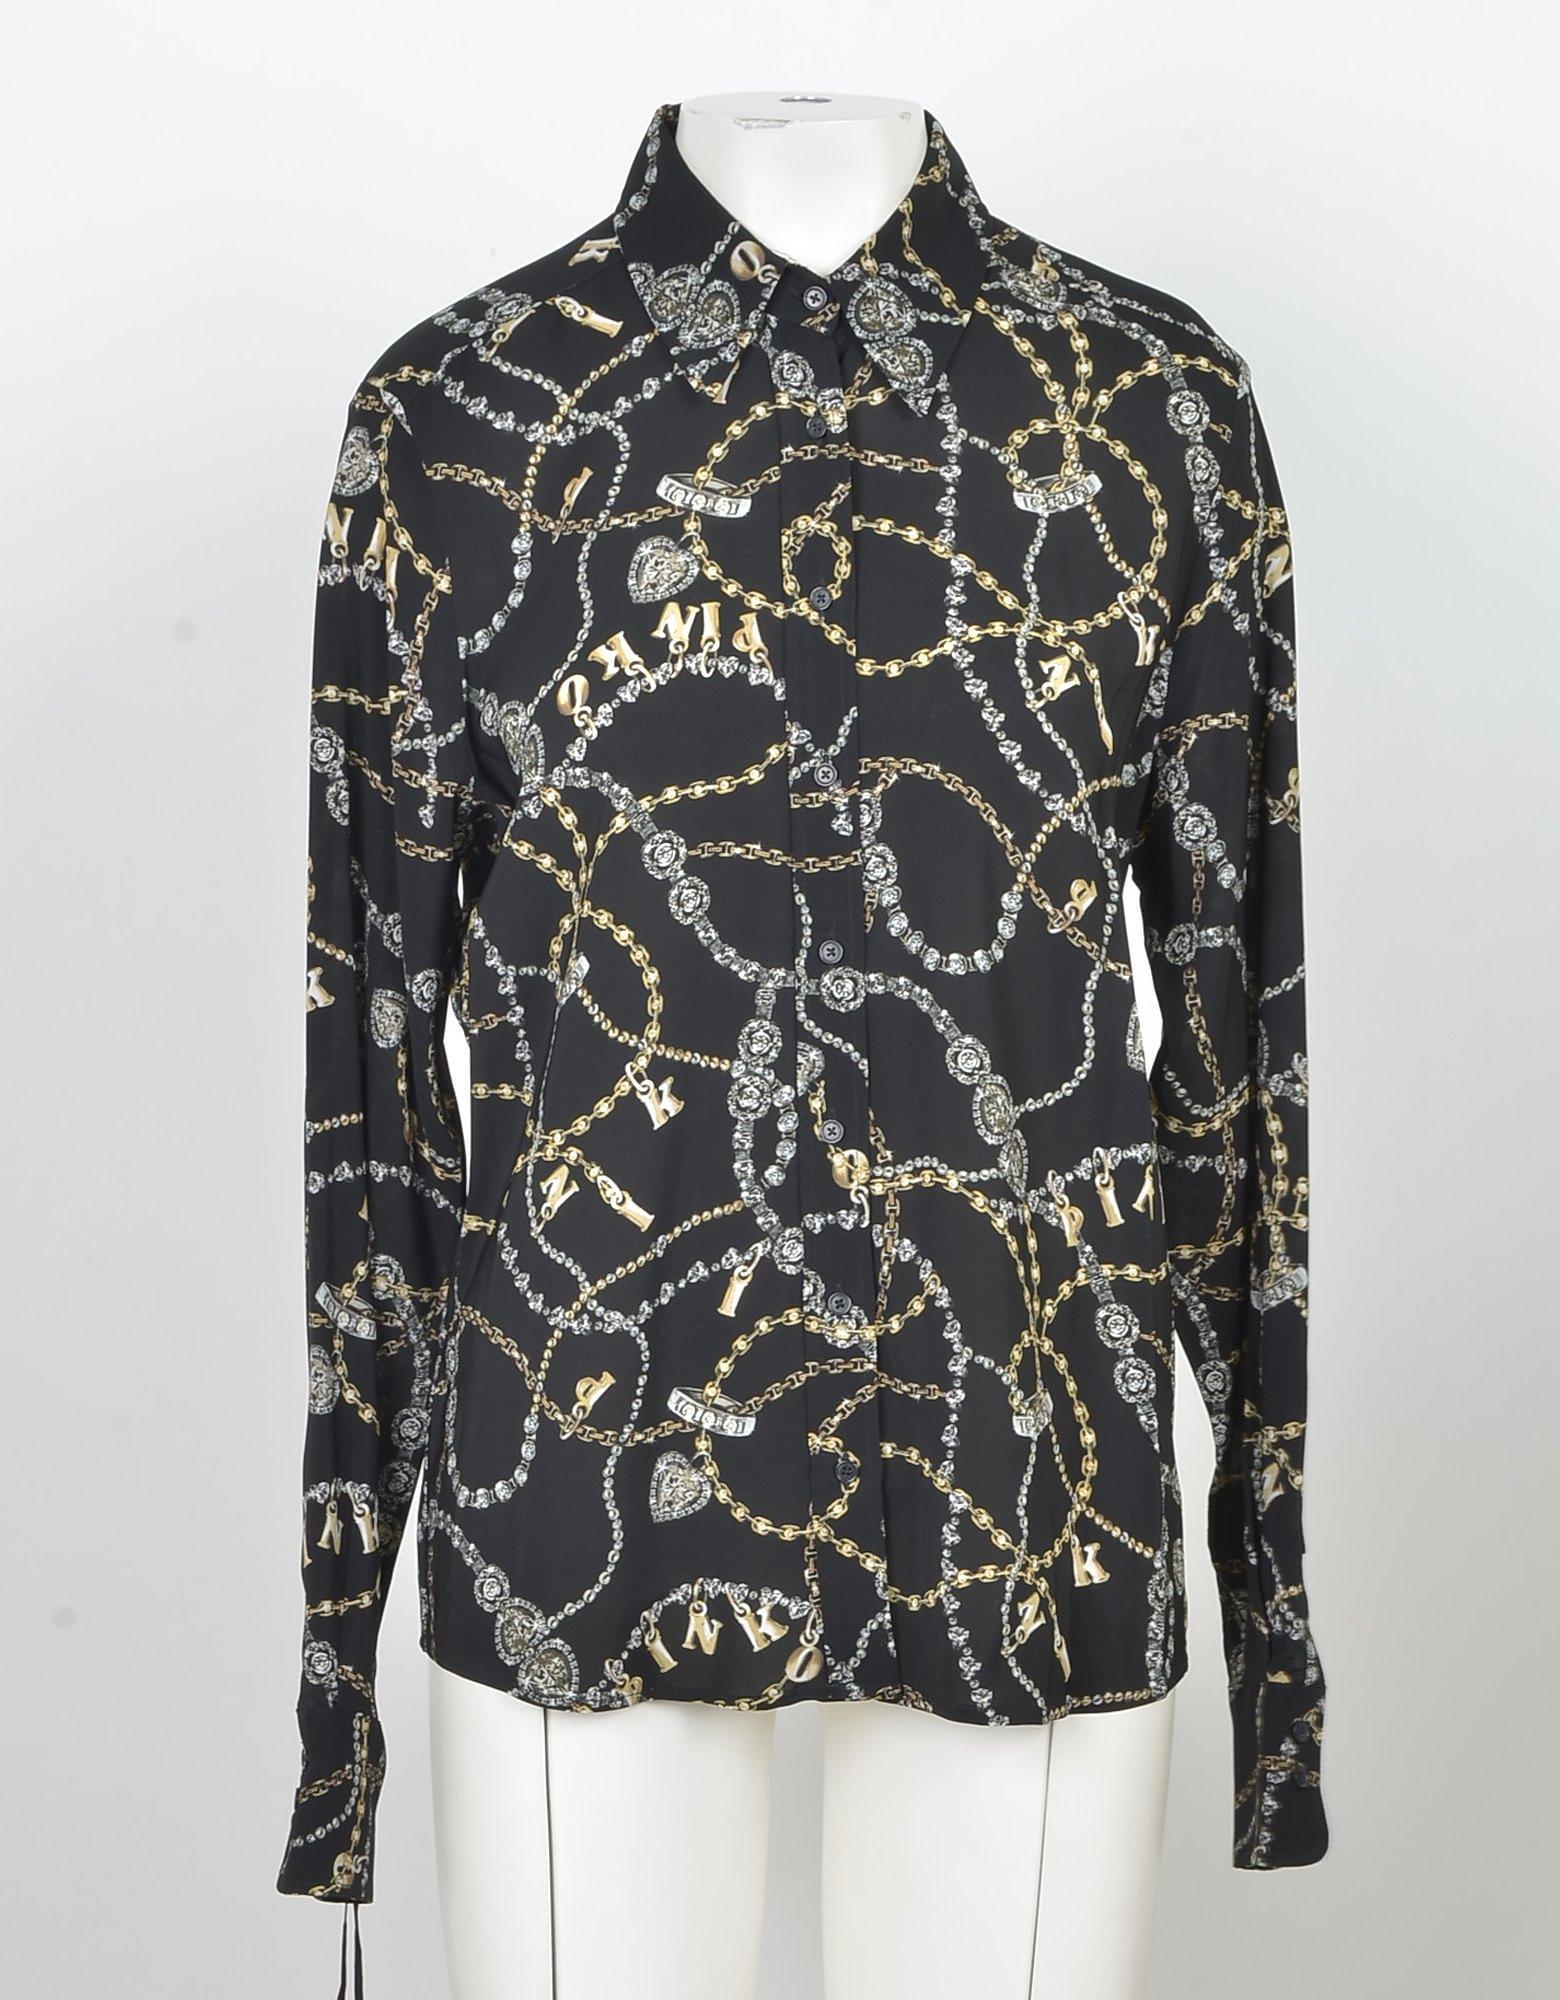 Pinko Designer Shirts, Black & Gold Printed Viscose Women's Shirt